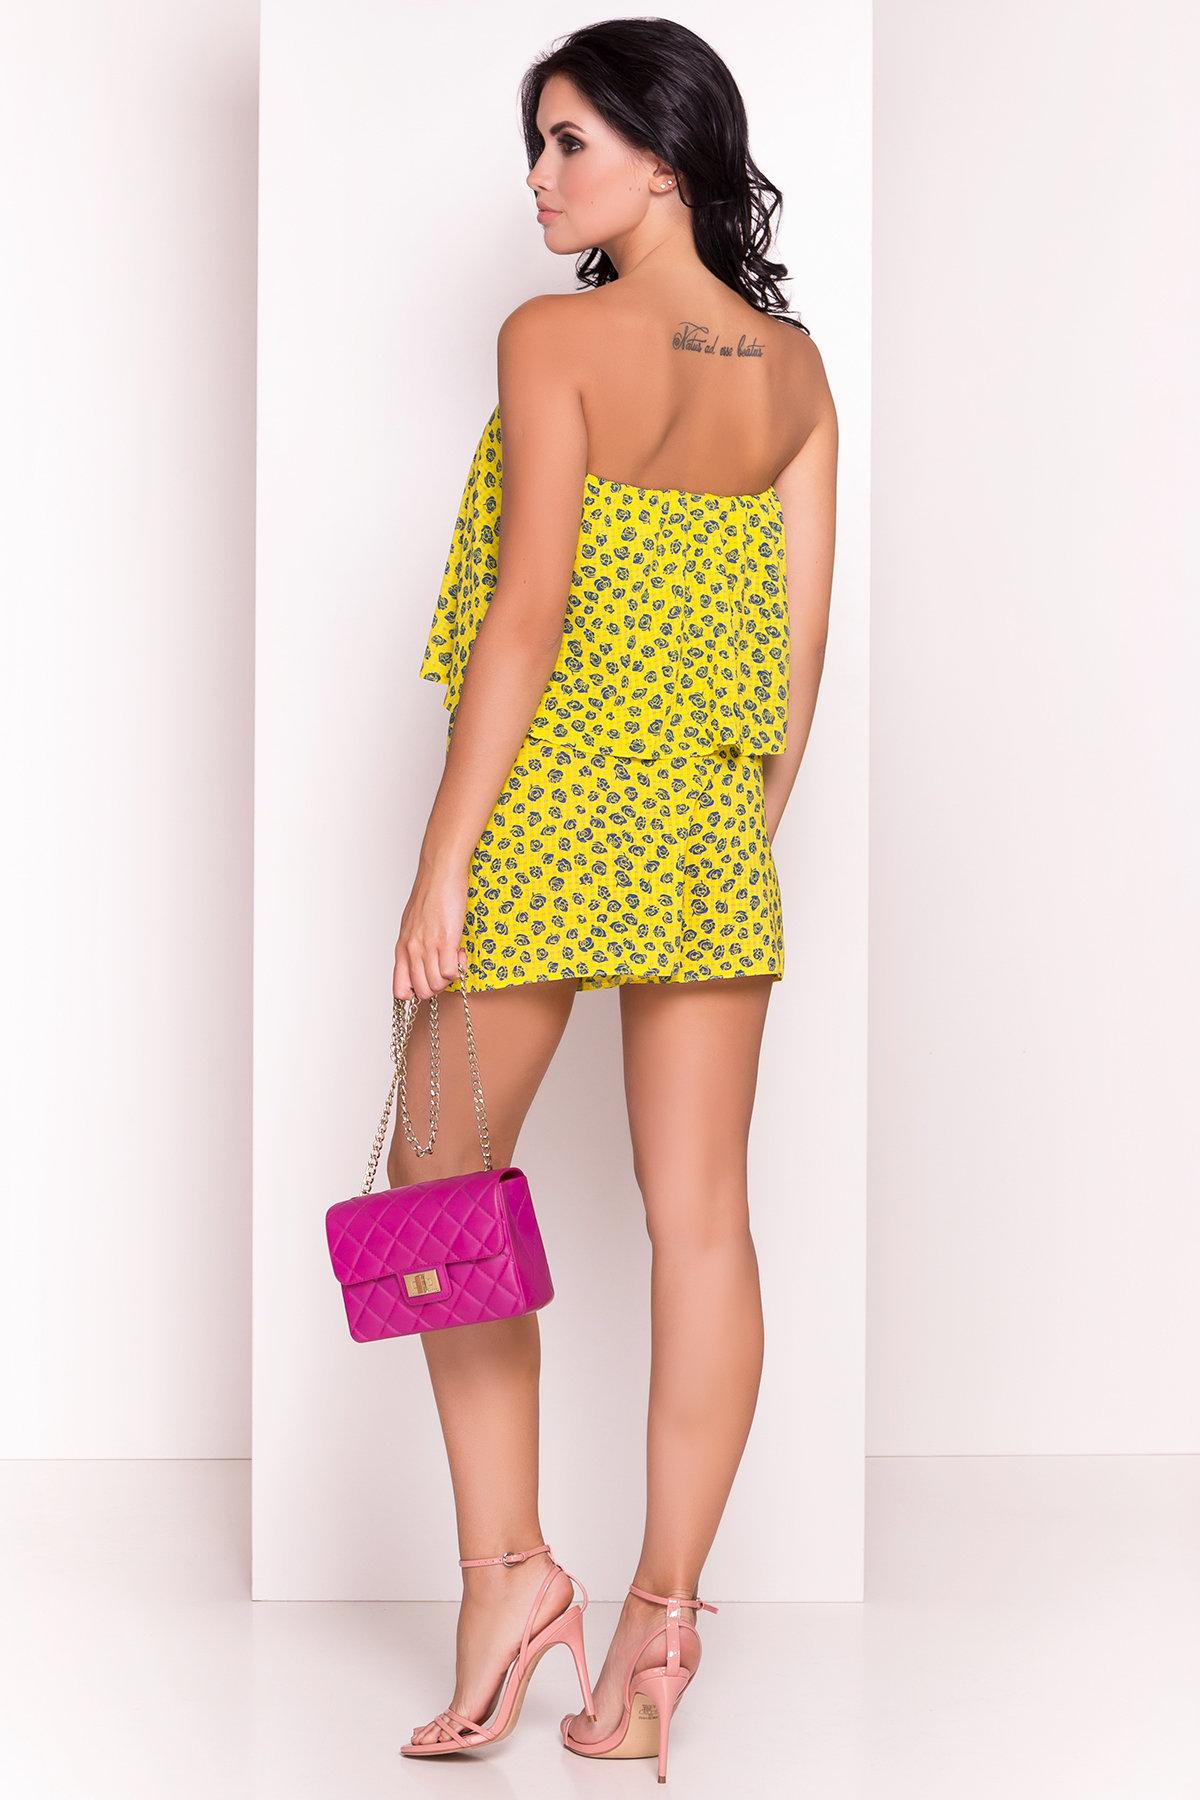 TW Комбинезон Никки 5261 АРТ. 36508 Цвет: Желтый розы темно-синие - фото 3, интернет магазин tm-modus.ru